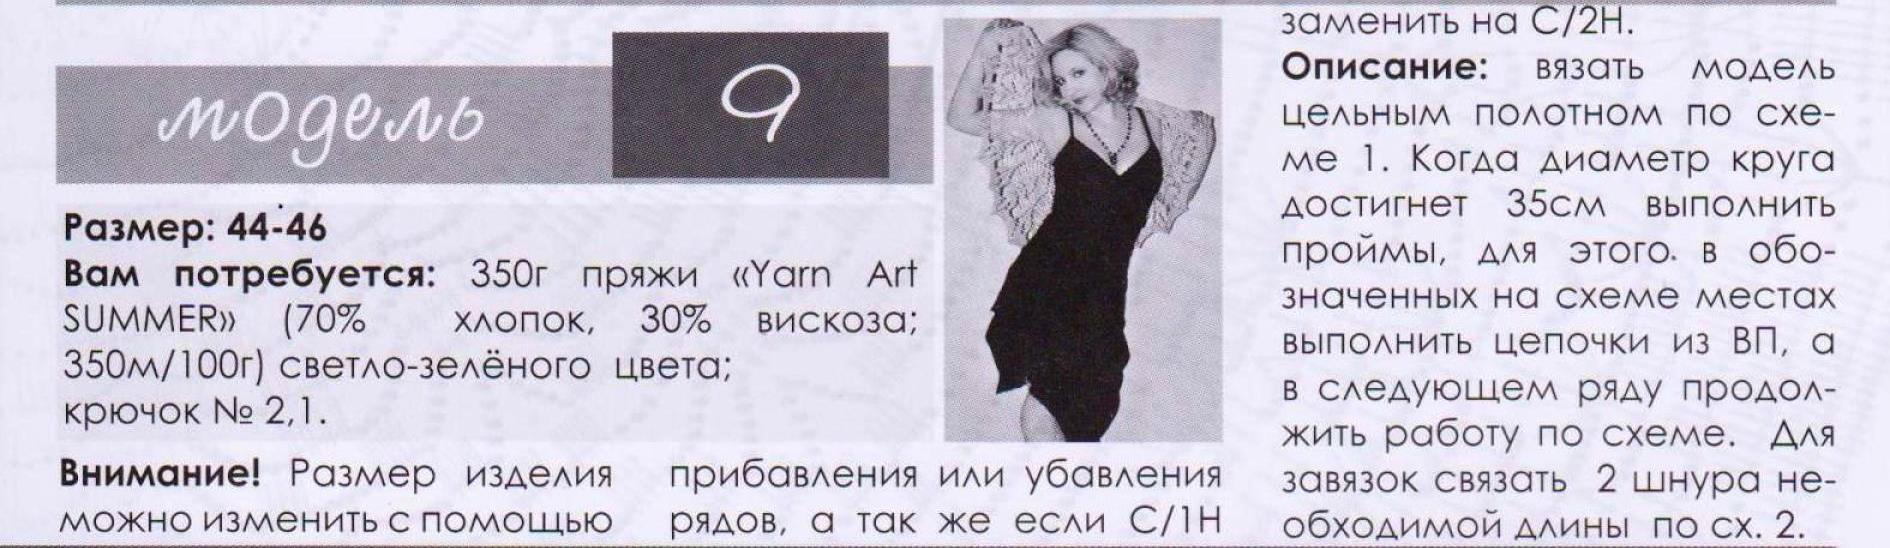 0272_MelanG562012_07 (2)